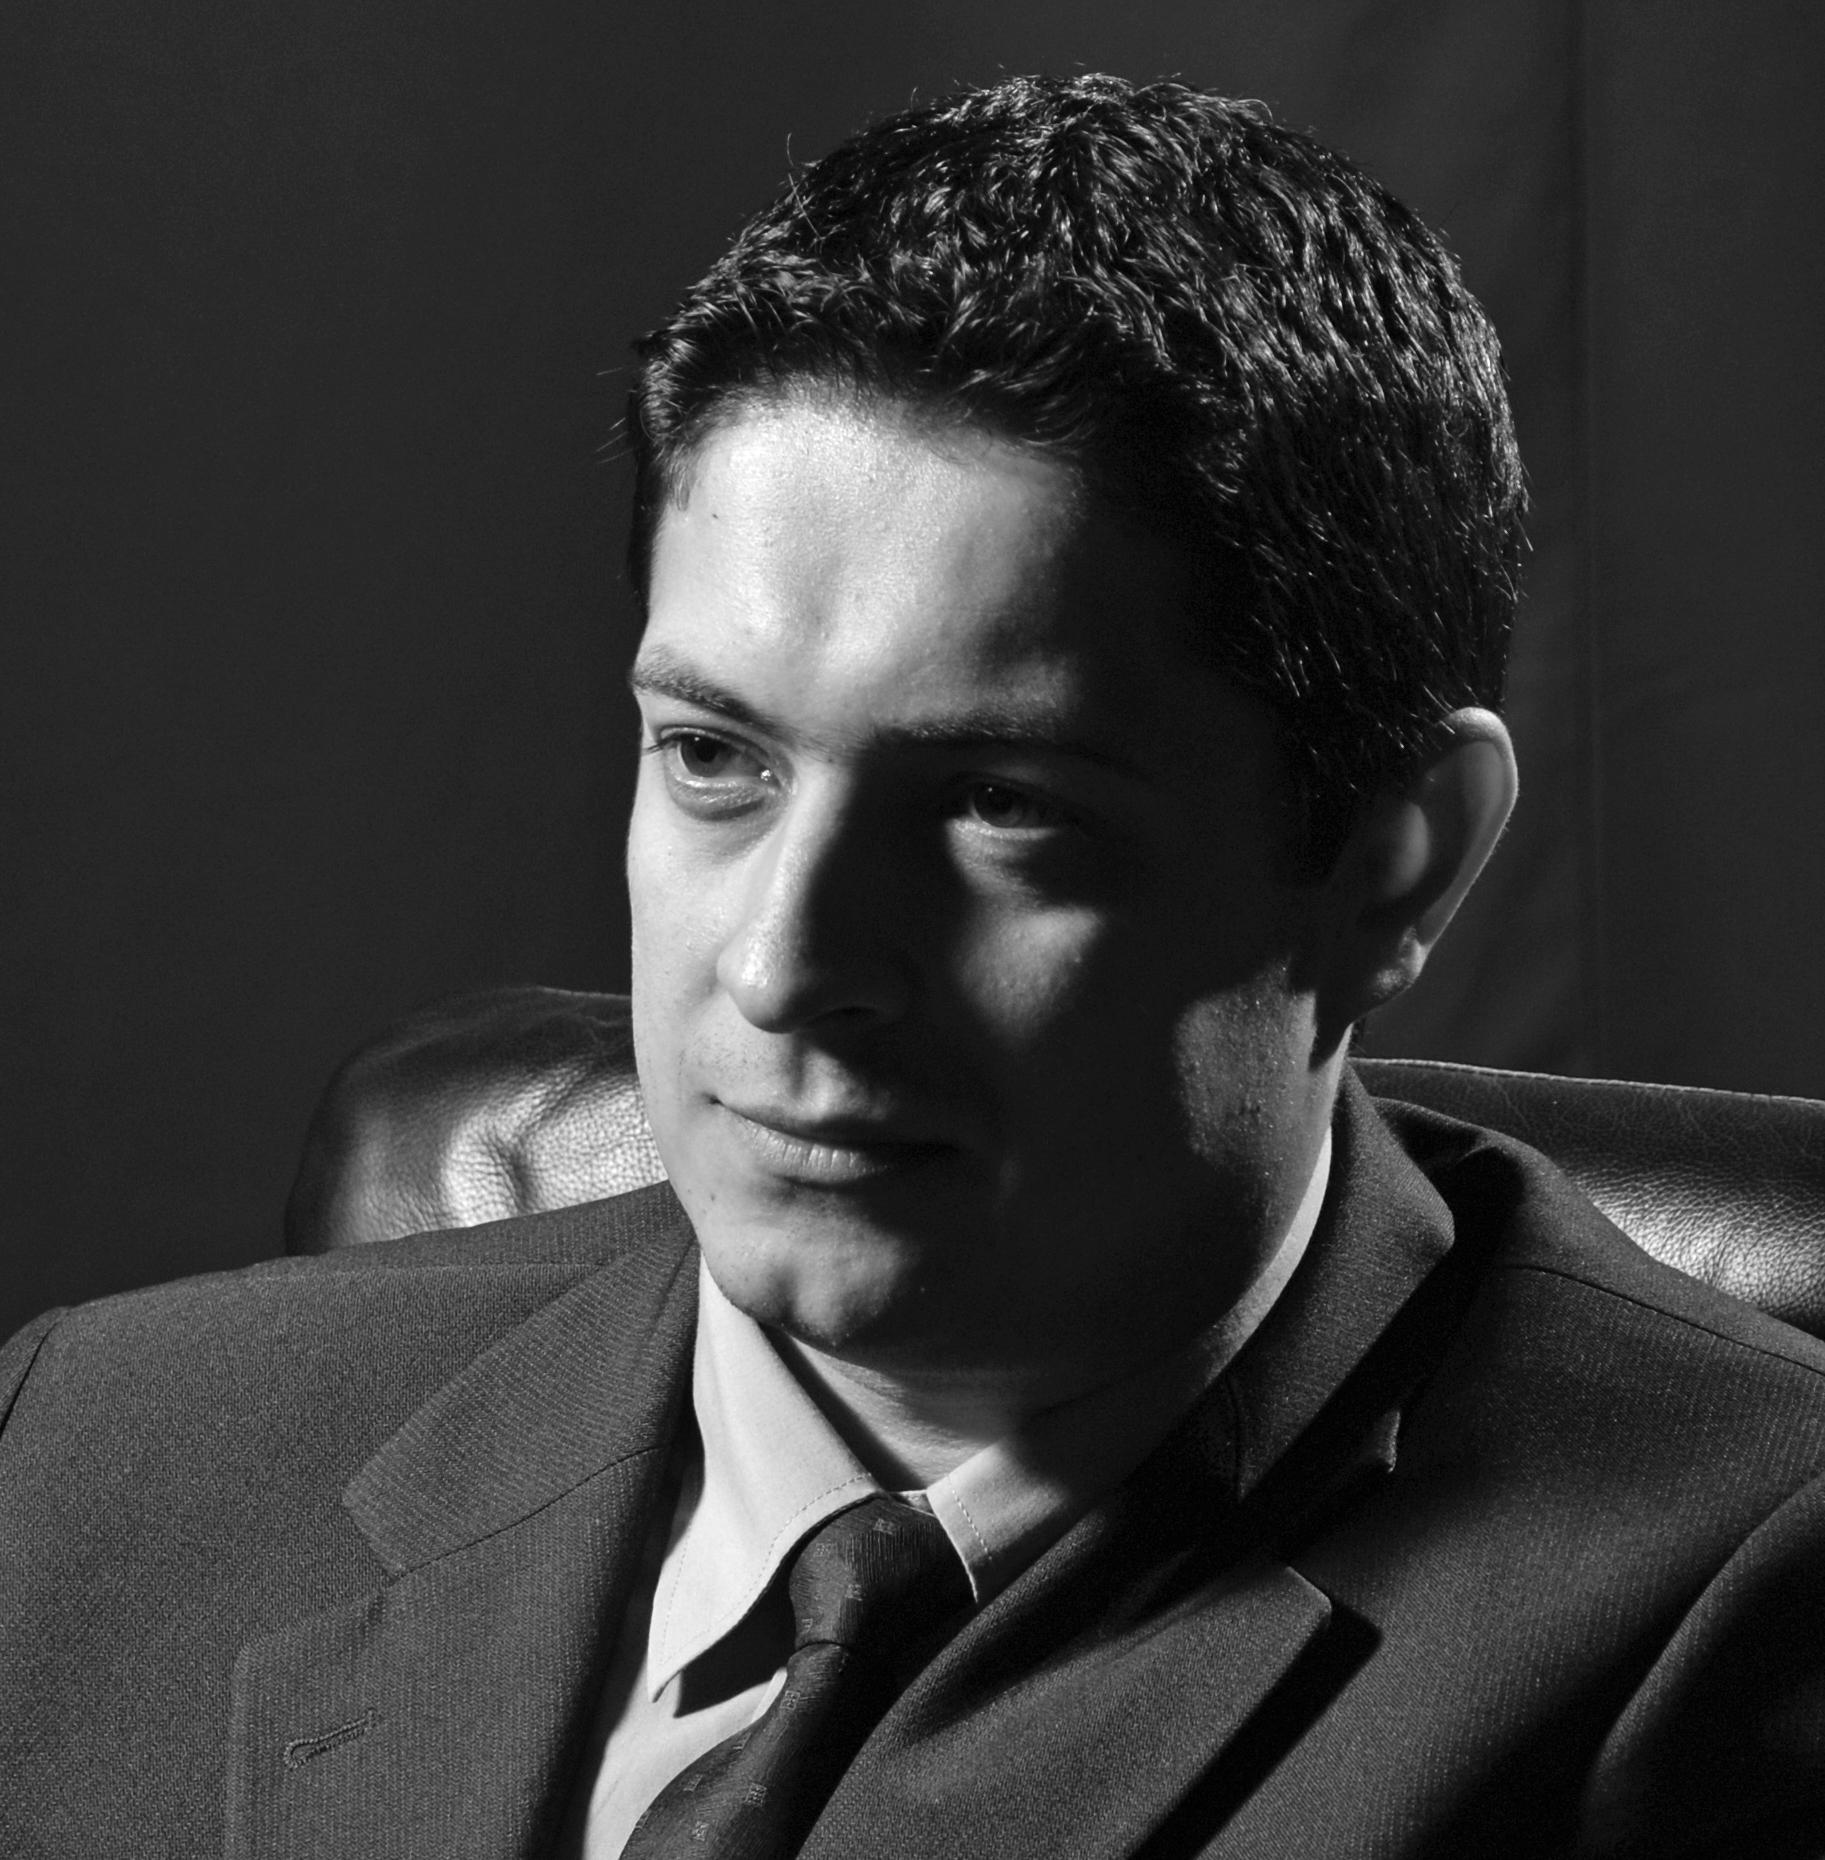 Flavius Bunoiu